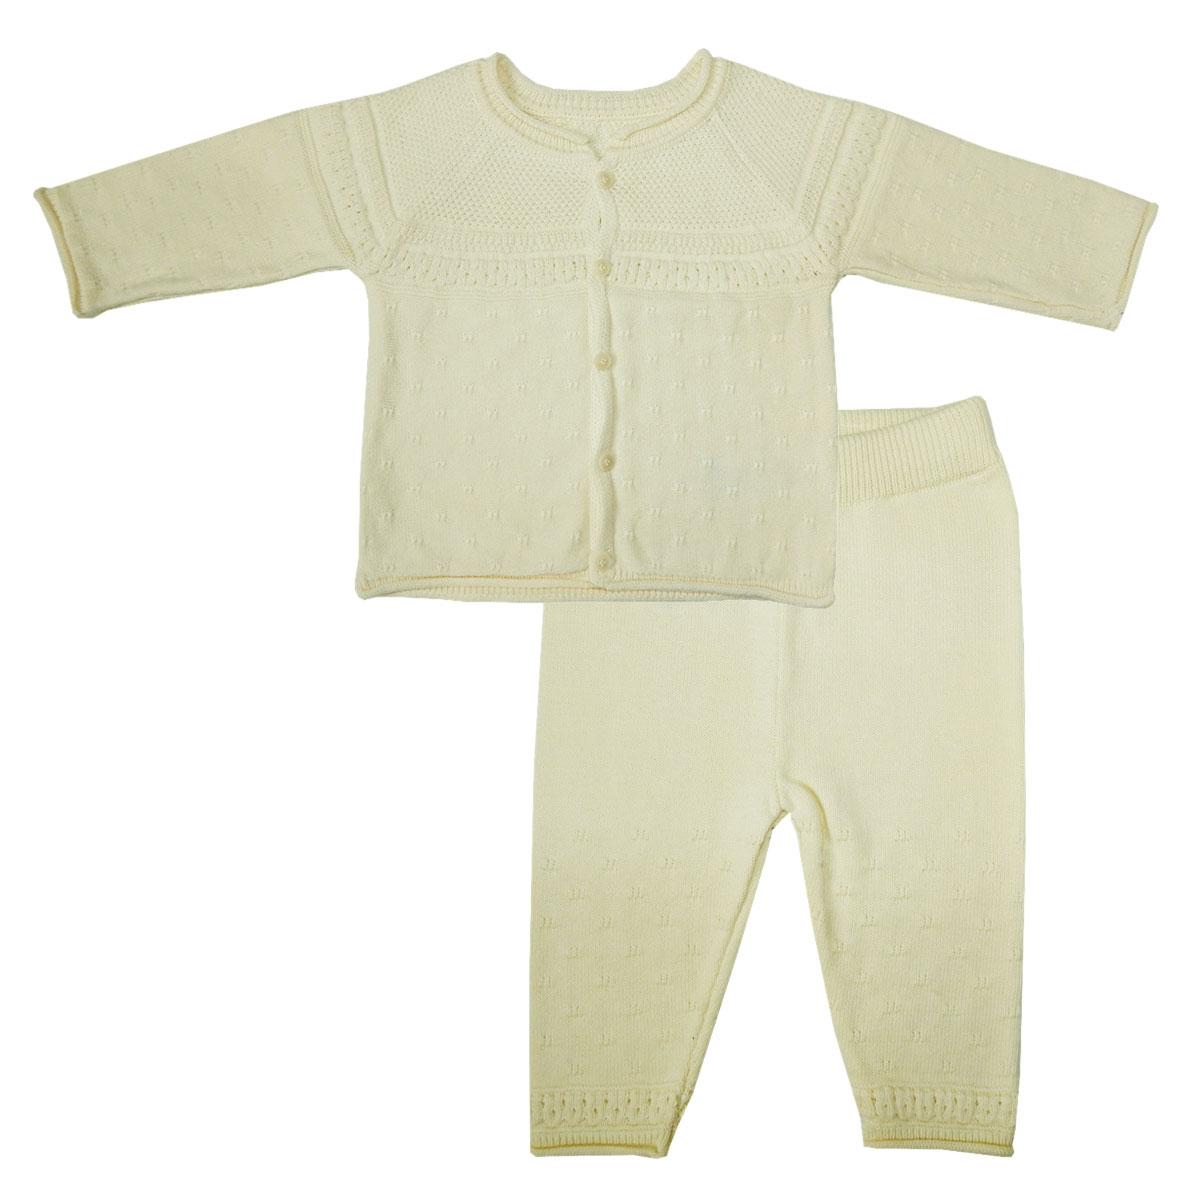 Комплект одежды Папитто Испанка Бежевый 73-7001 р.24-80